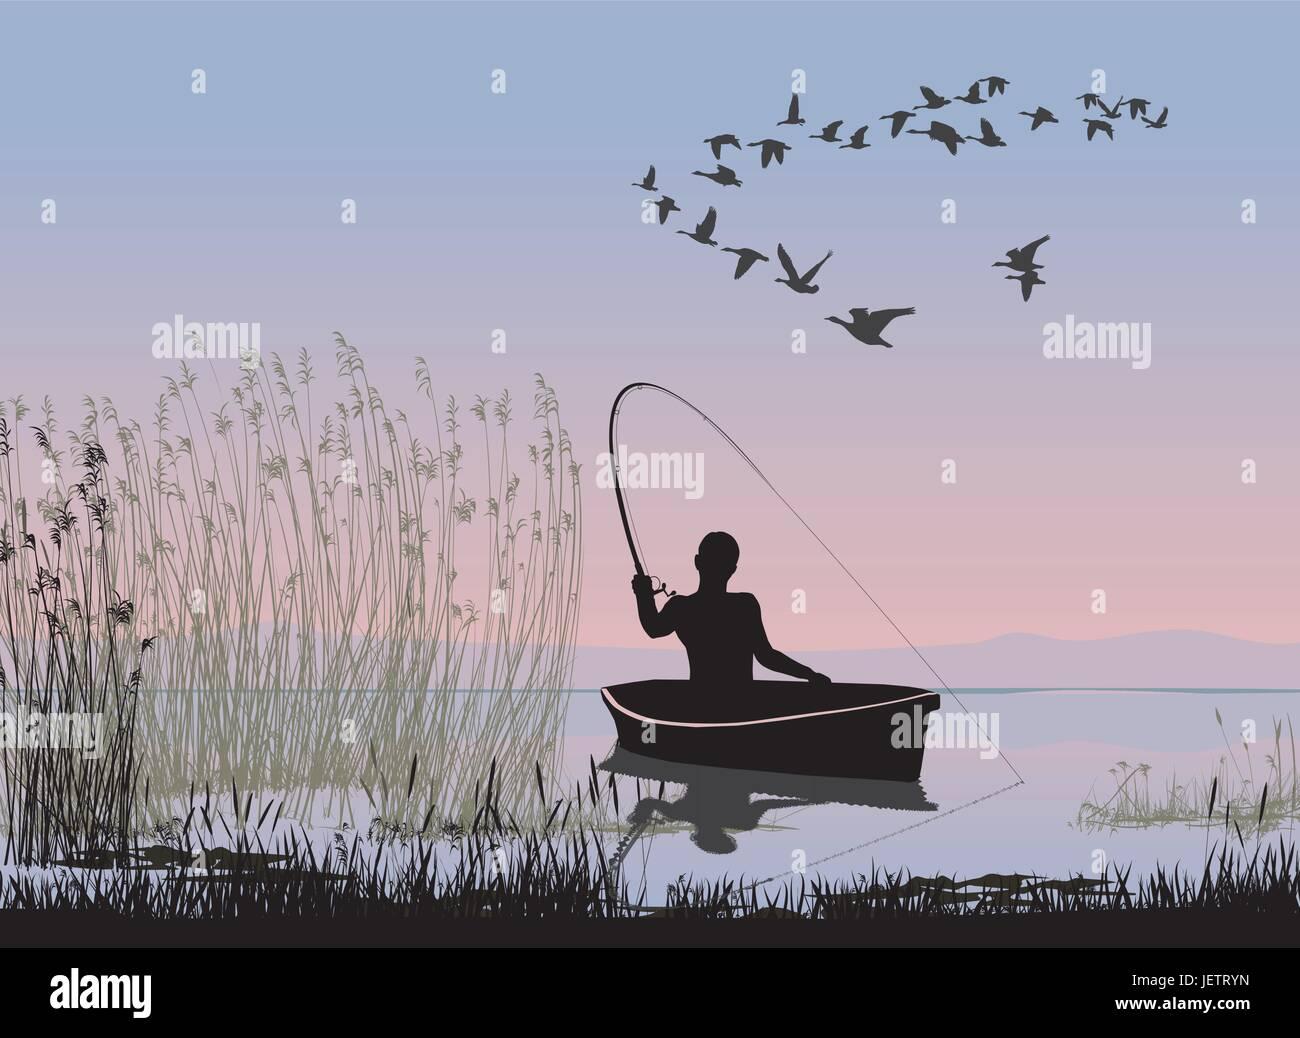 hand, hands, fish, hobby, fishing, fisherman, fresh water, lake, inland water, - Stock Vector